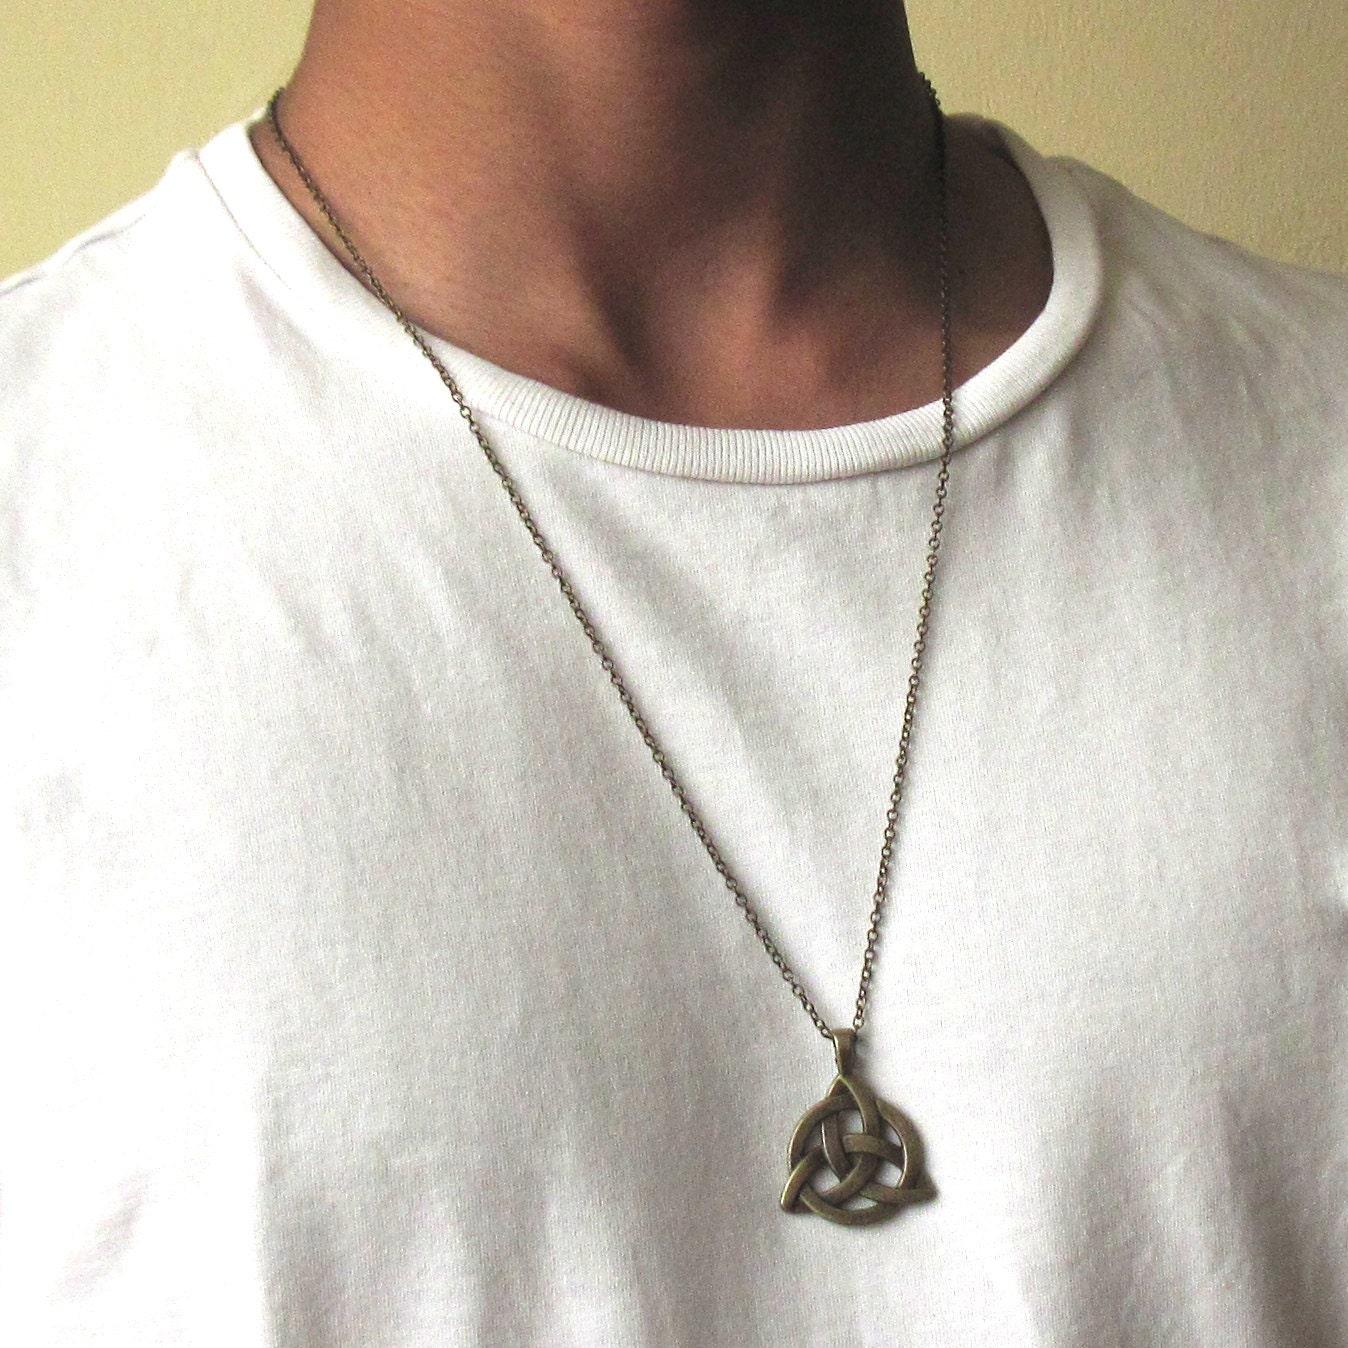 celtic knot necklace men 39 s bronze necklace mens by baronykajd. Black Bedroom Furniture Sets. Home Design Ideas